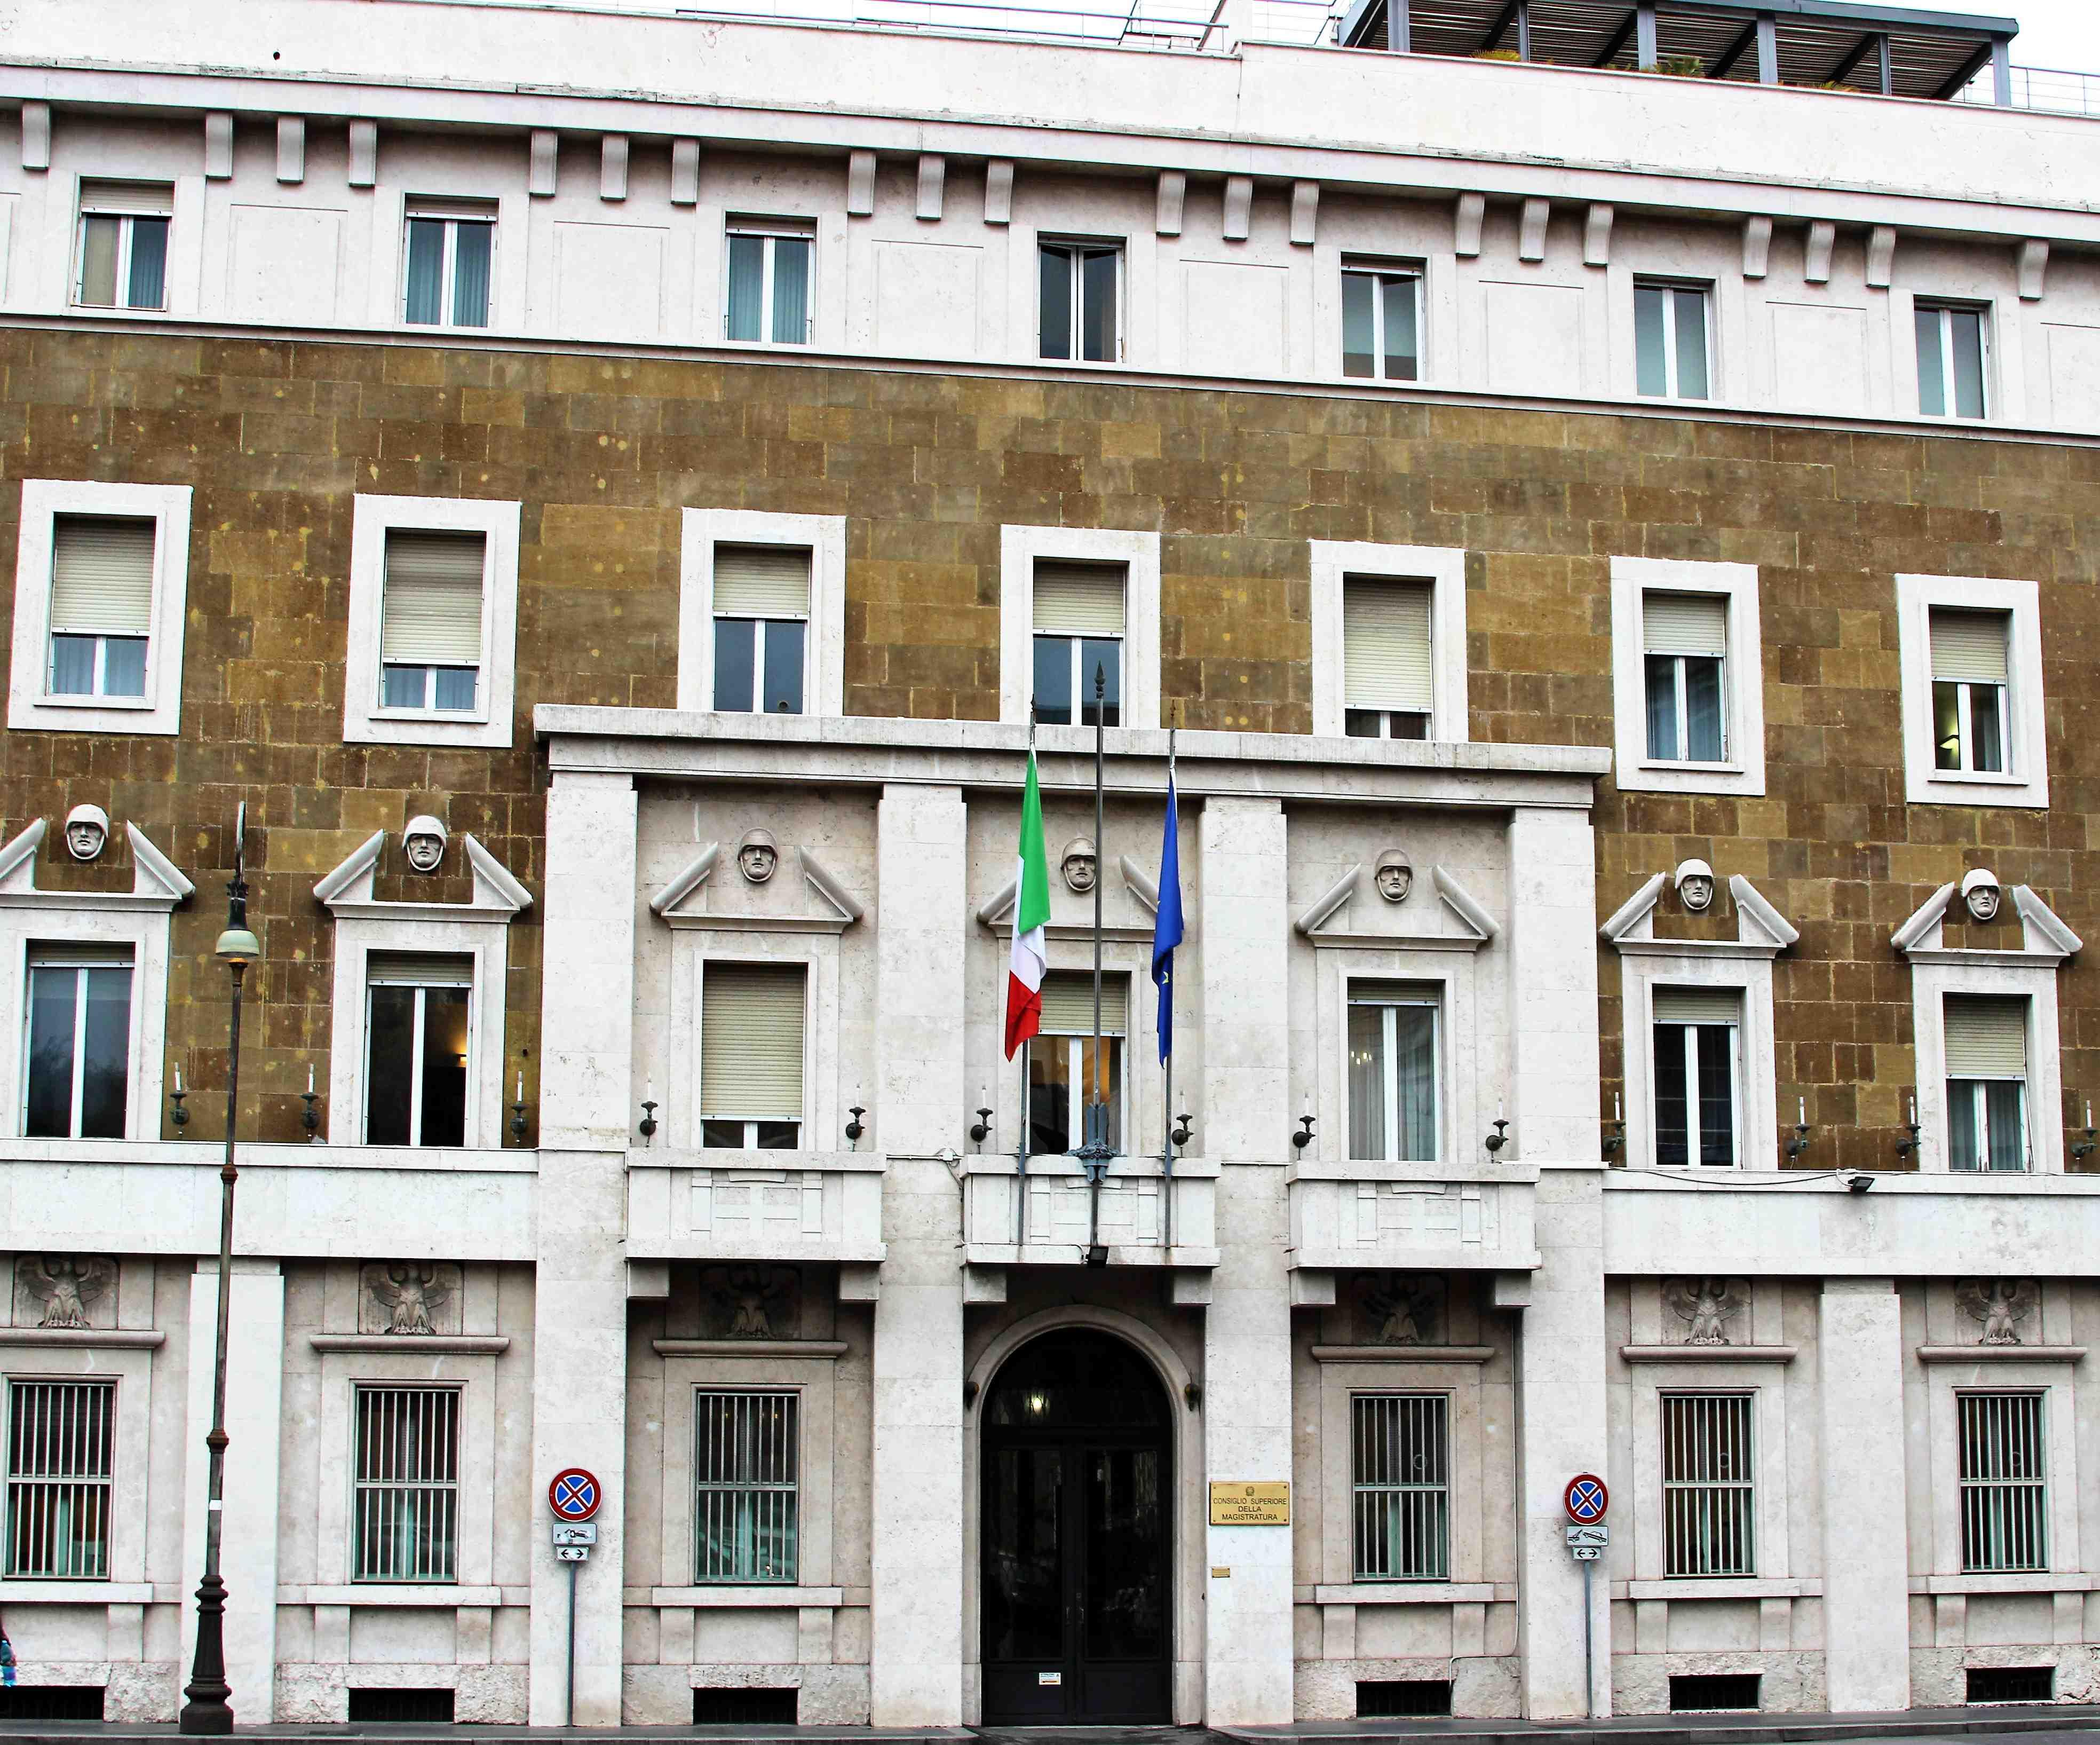 Ufficio Lavoro Napoli : Csm al lavoro sul caso woodcock e sulla nomina del procuratore